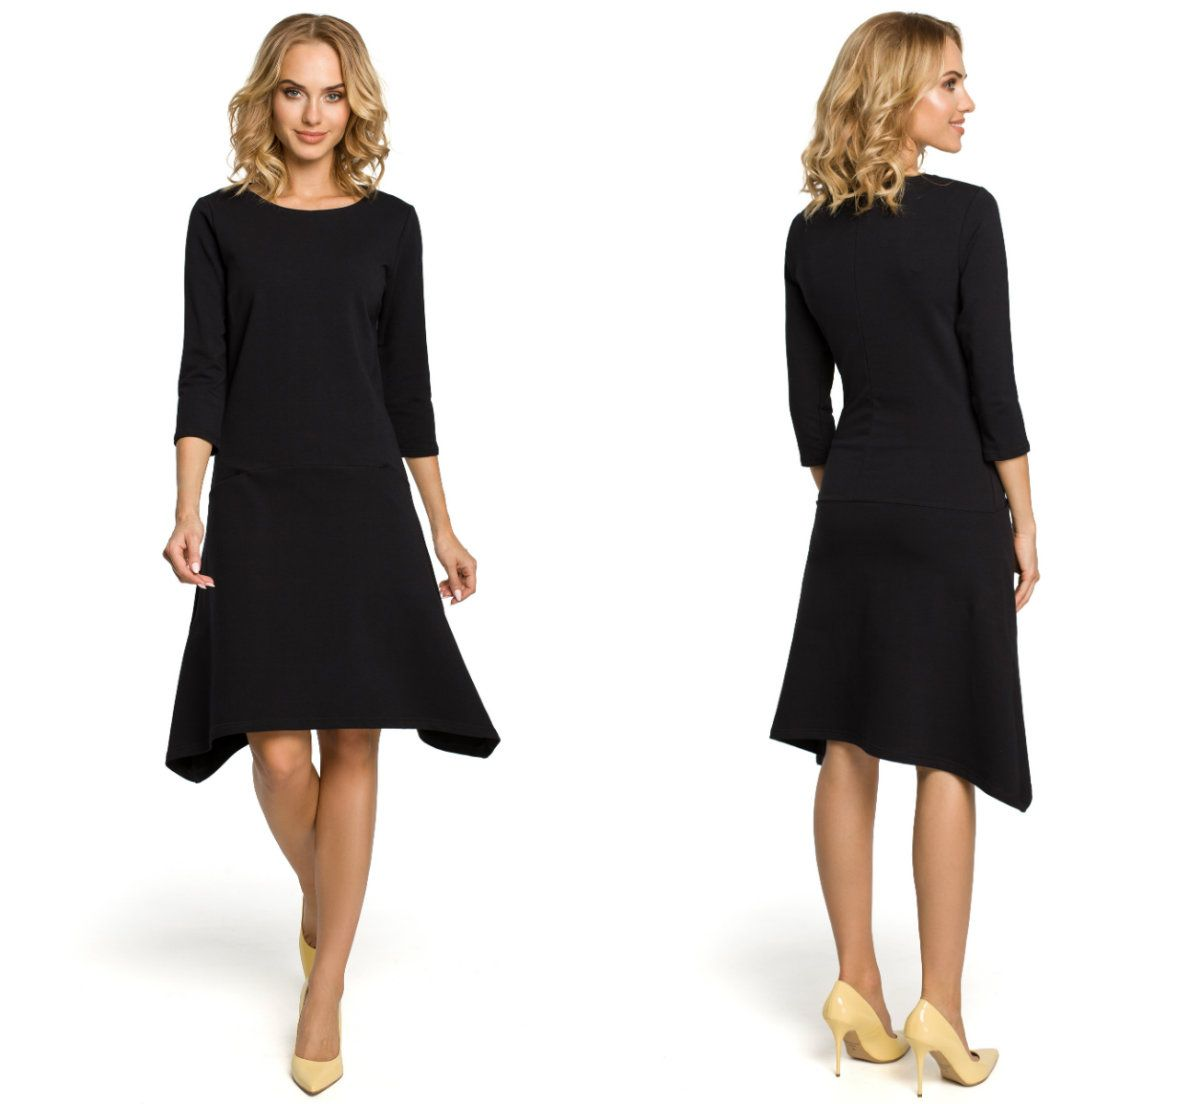 b693f6355f Elegancka trapezowa sukienka z dzianiny do pracy - 7308237695 ...